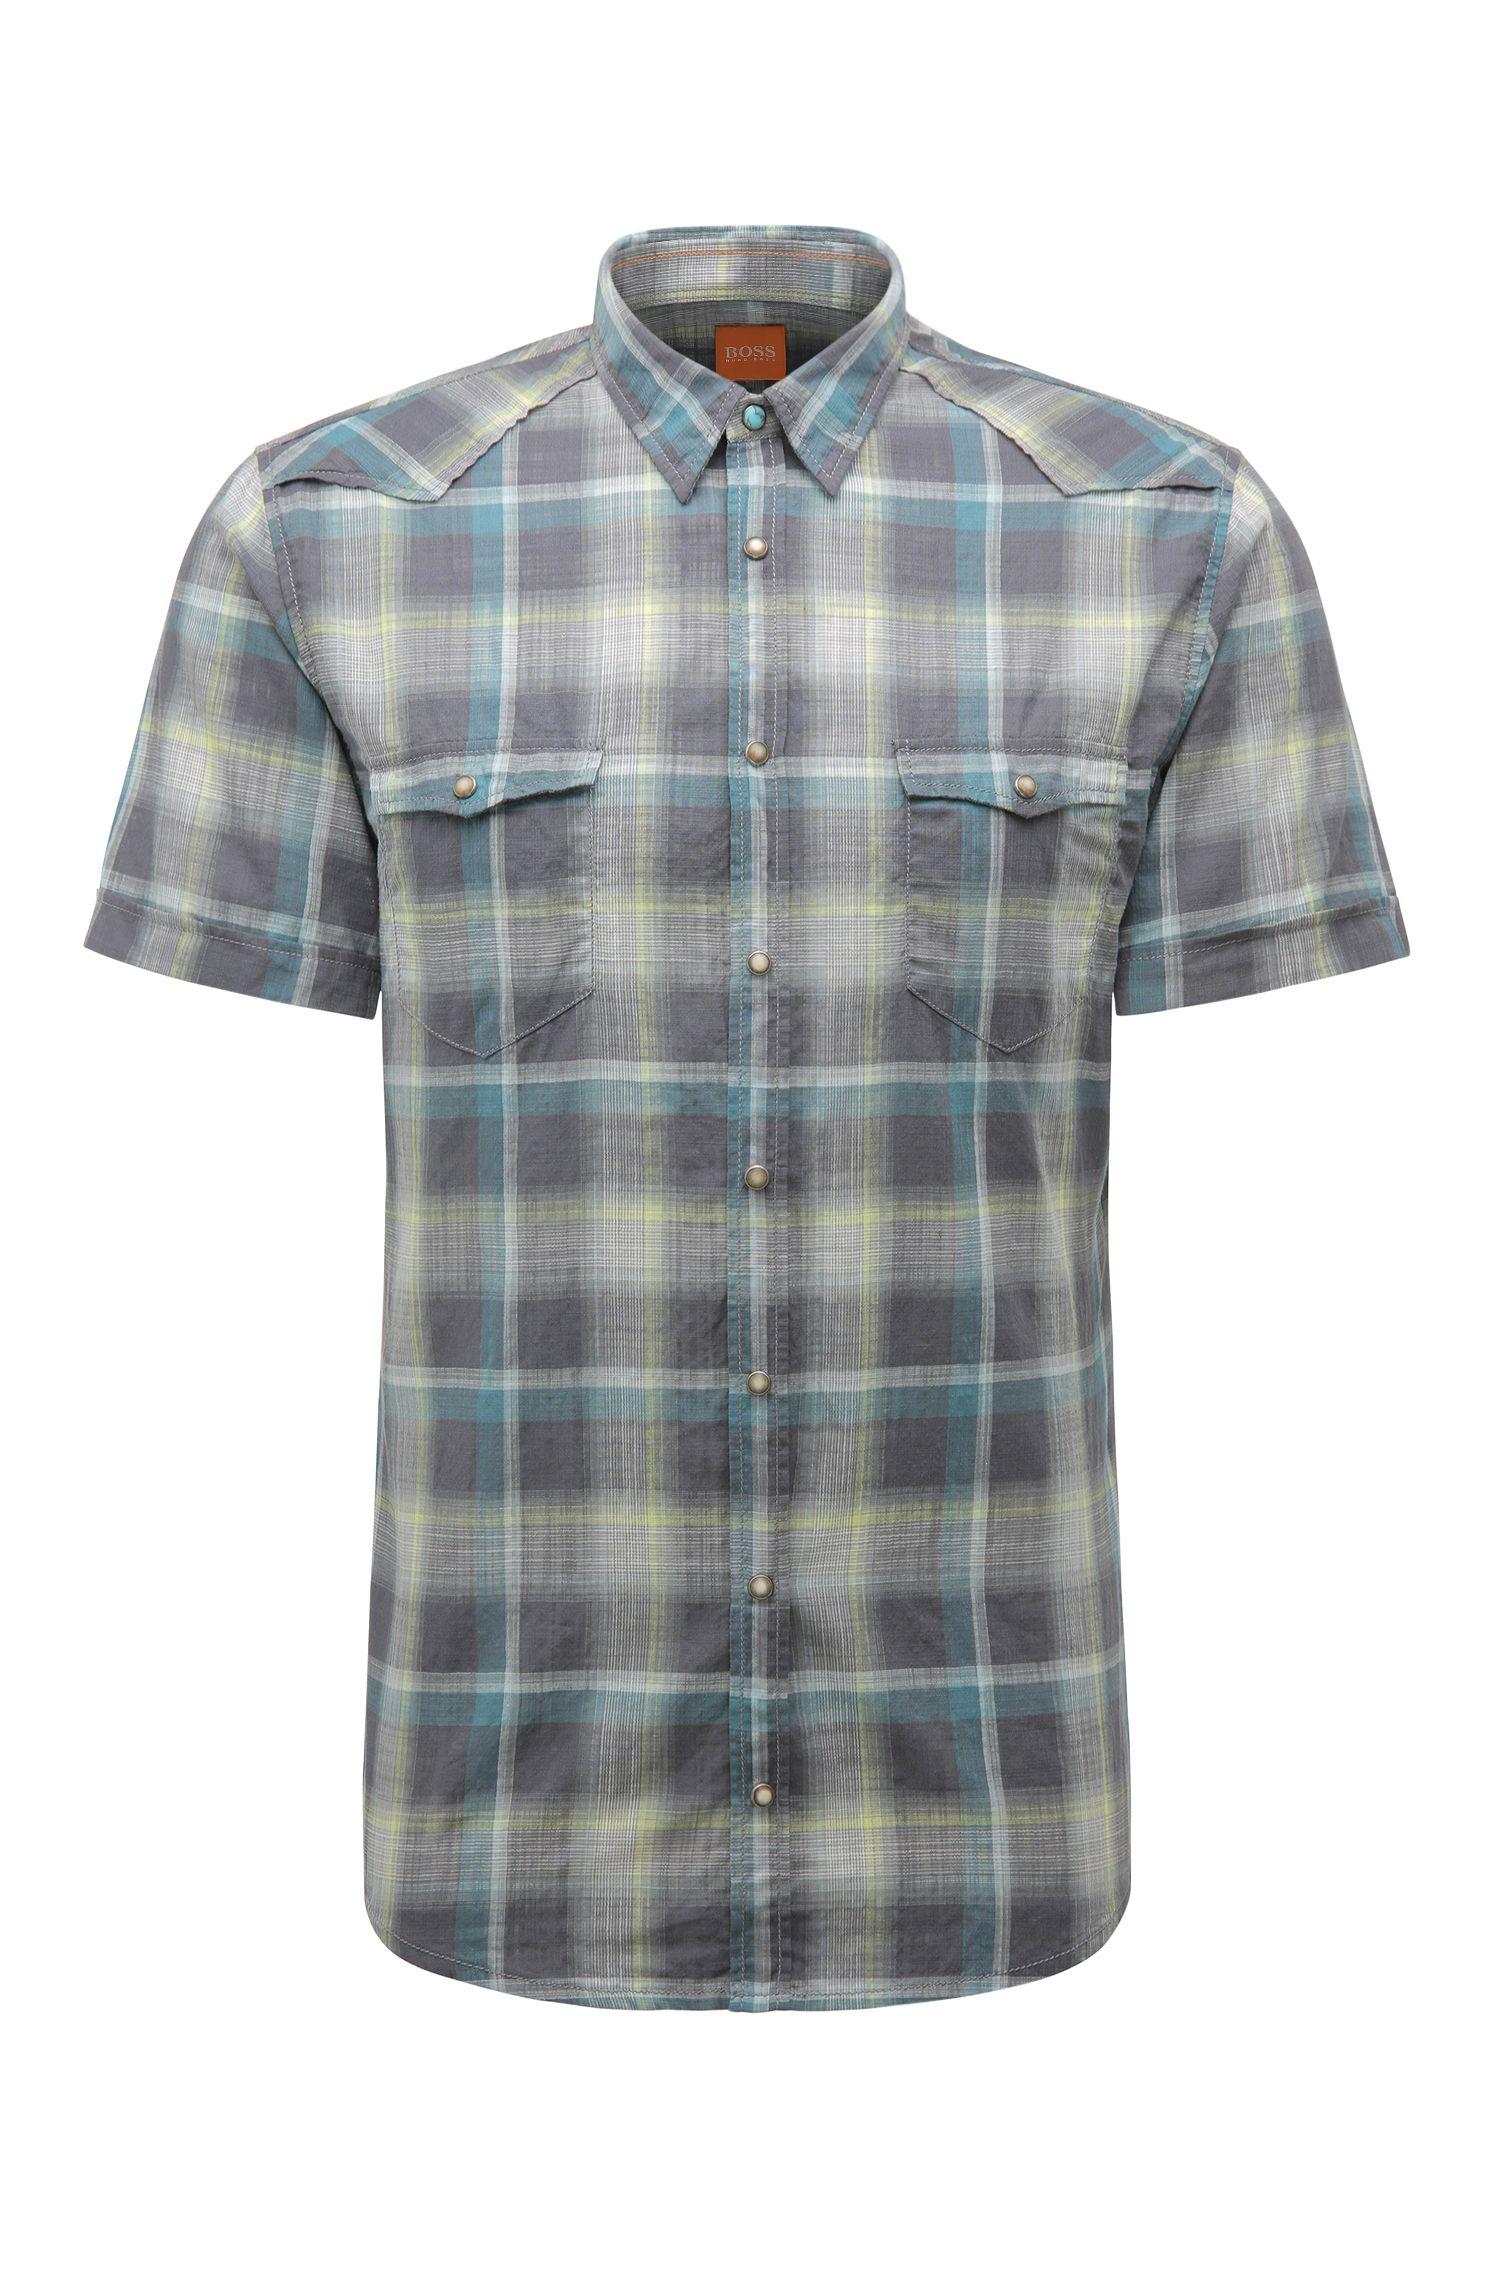 'Erodeo Short' | Slim Fit, Cotton Plaid Shirt